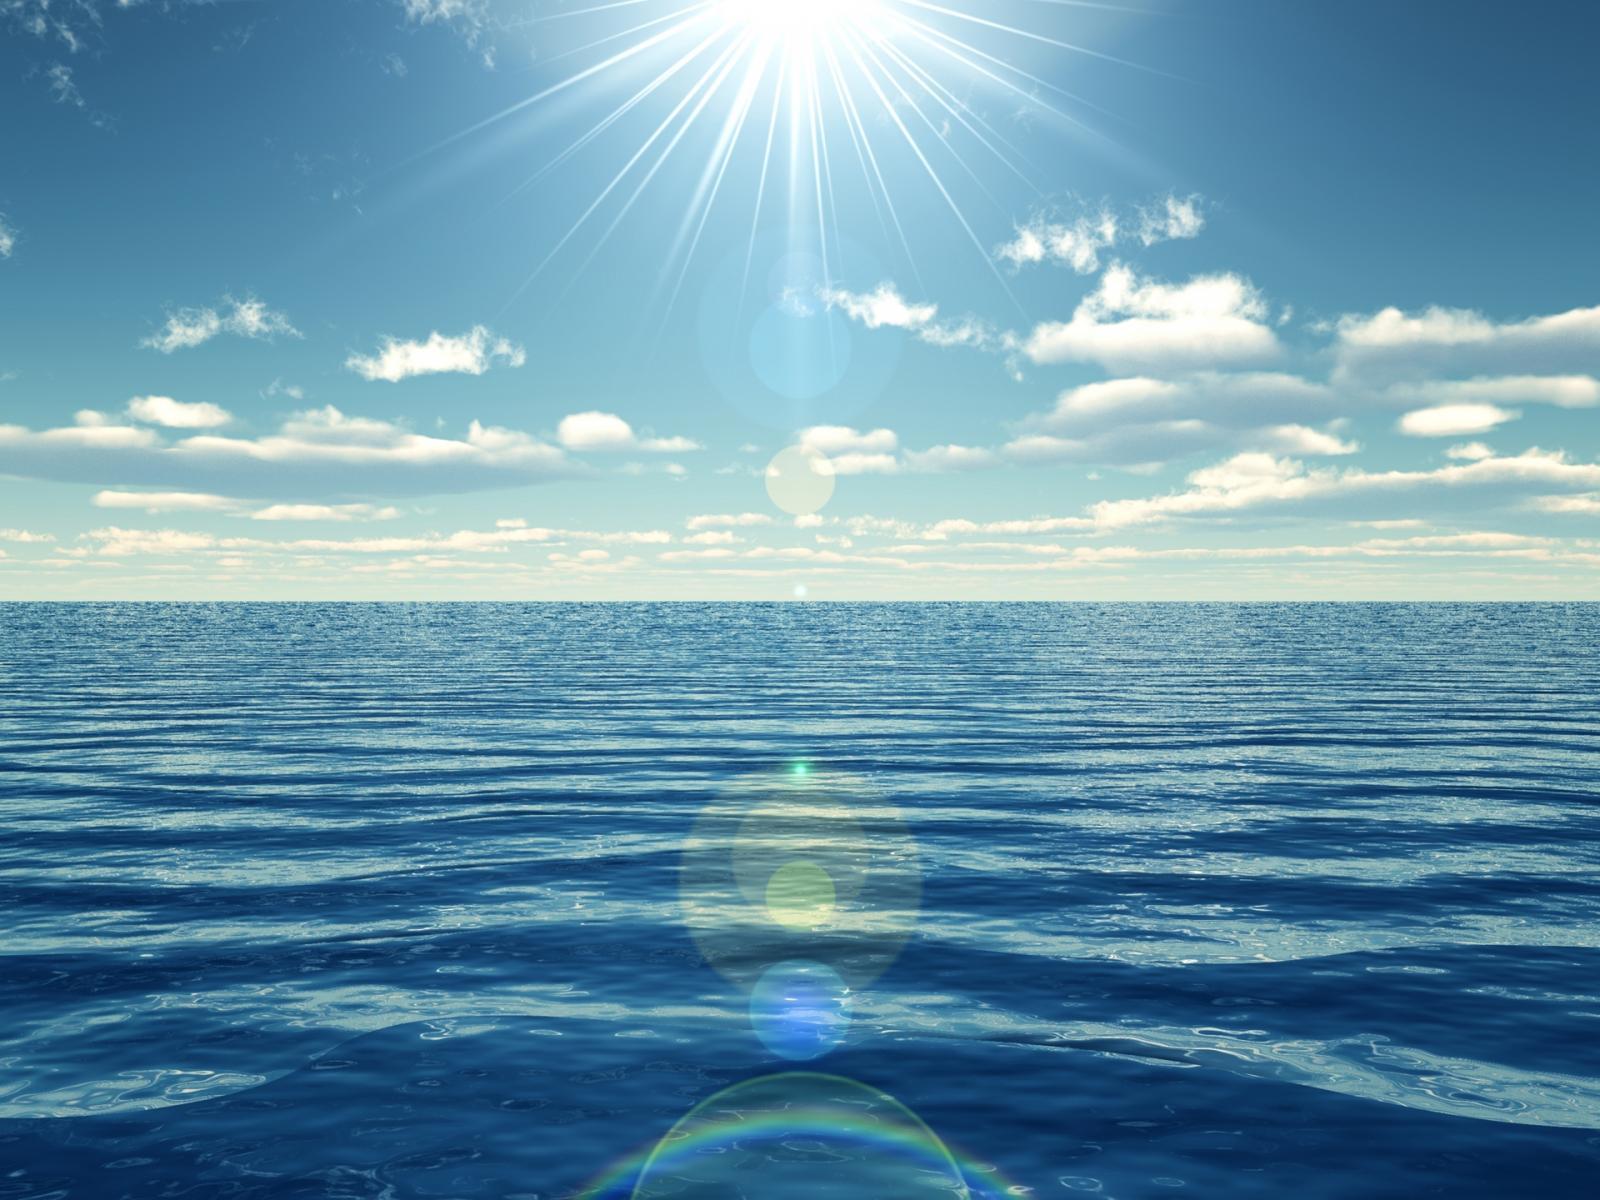 Ocean Normal 1600x1200 1600x1200